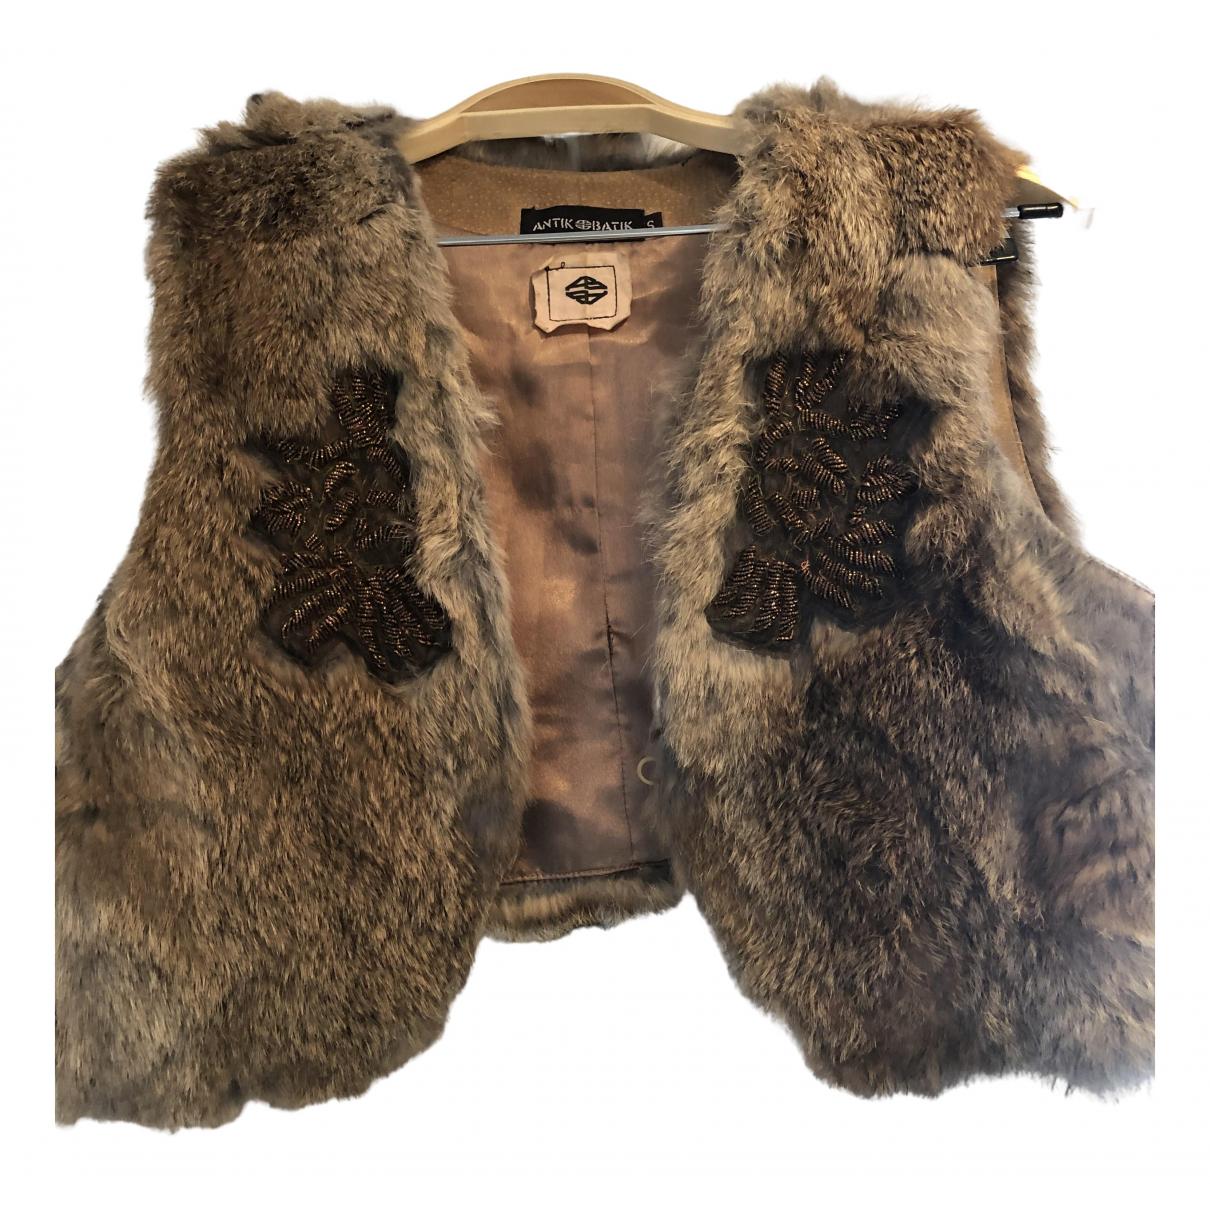 Antik Batik \N Brown Rabbit jacket for Women S International